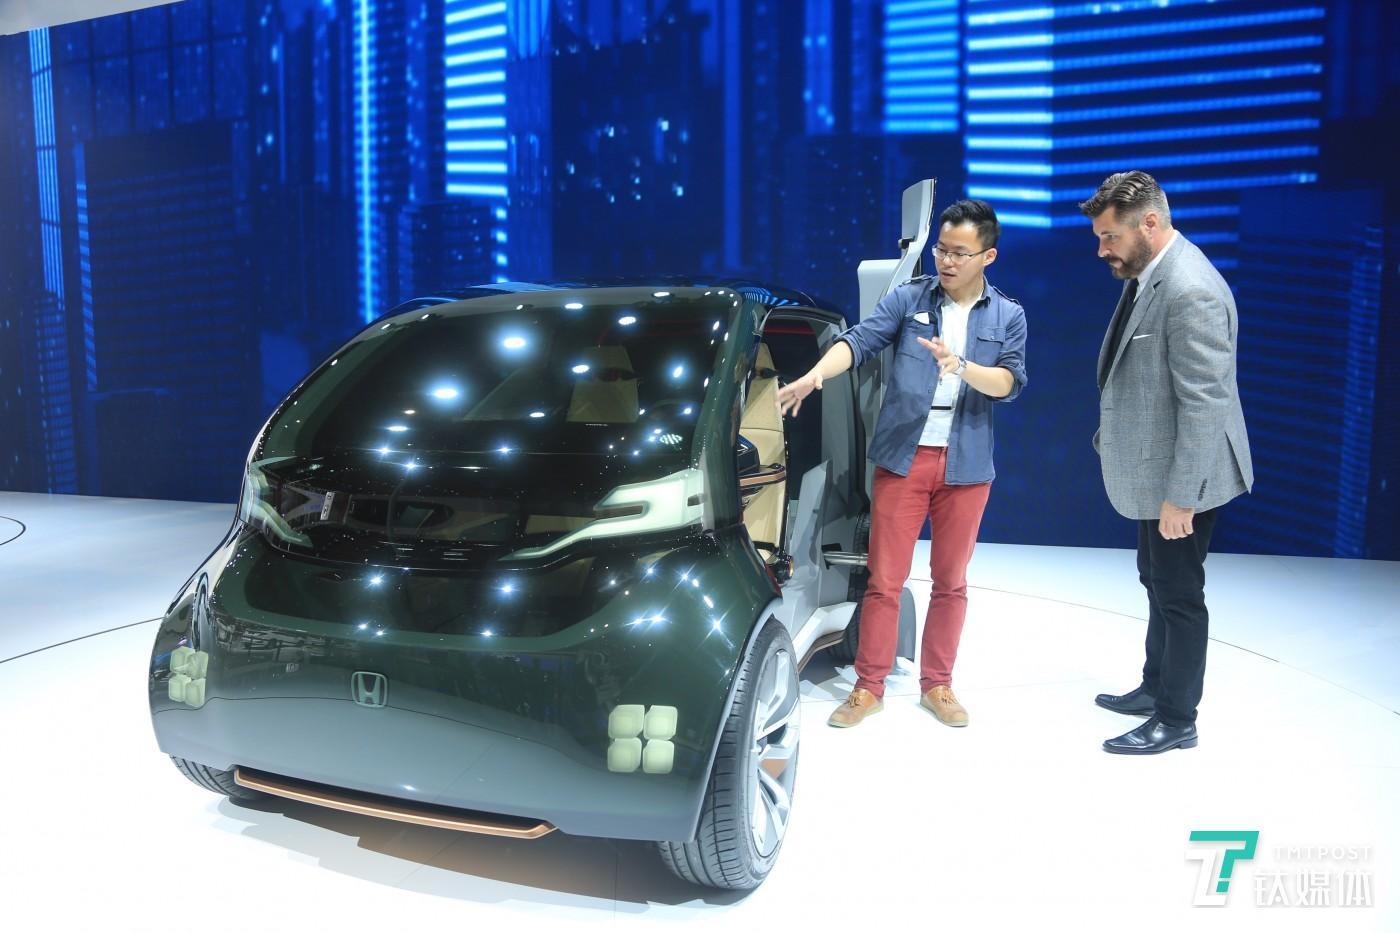 钛媒体记者(左)现场同Jirad(右)体验Honda概念车,(右)